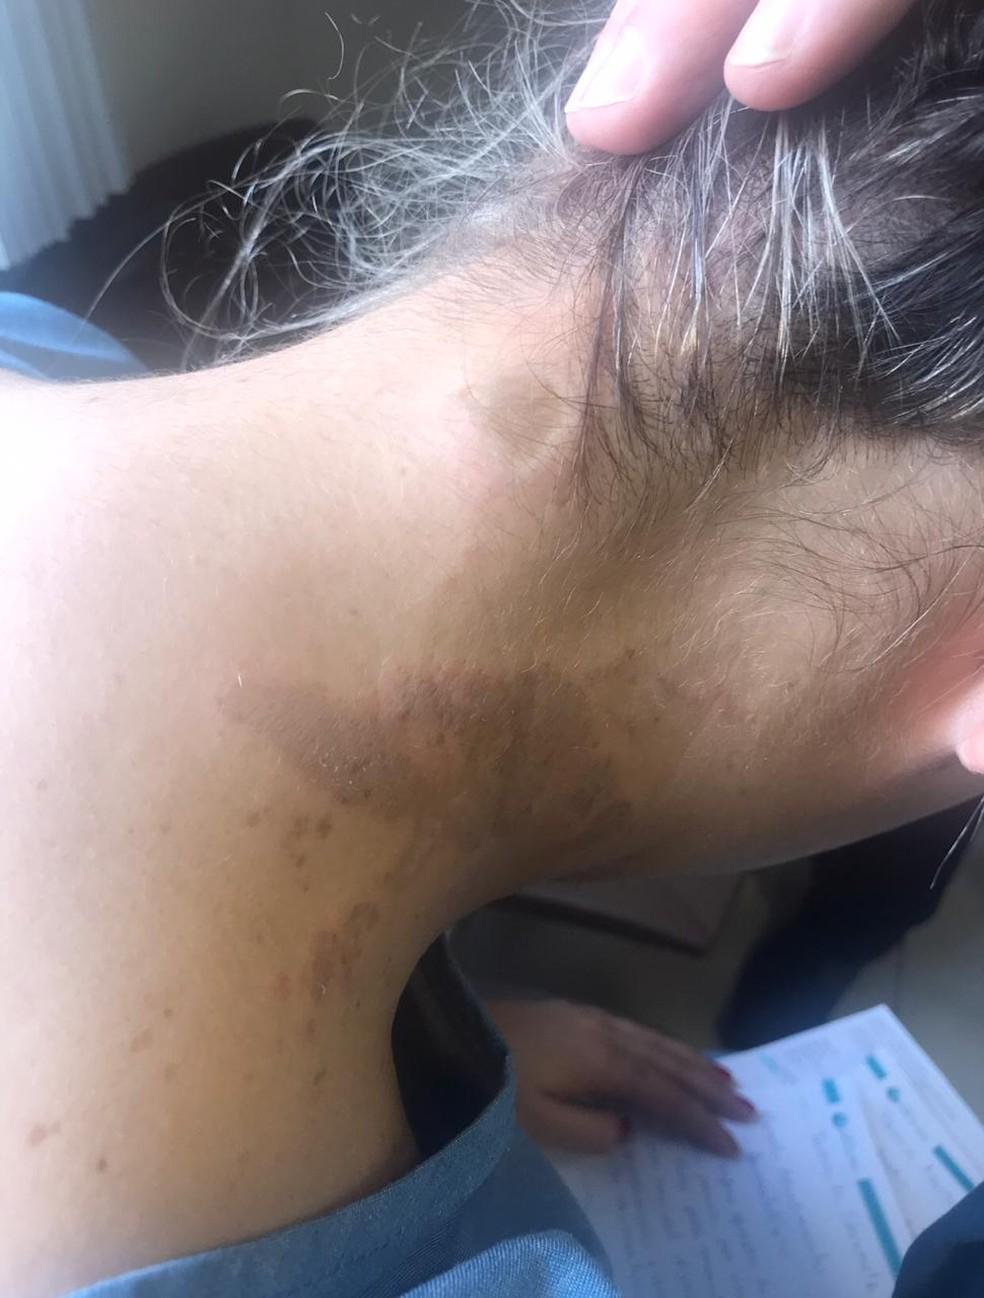 Tássia não conseguiu ver o rosto do agressor. — Foto: Arquivo pessoal